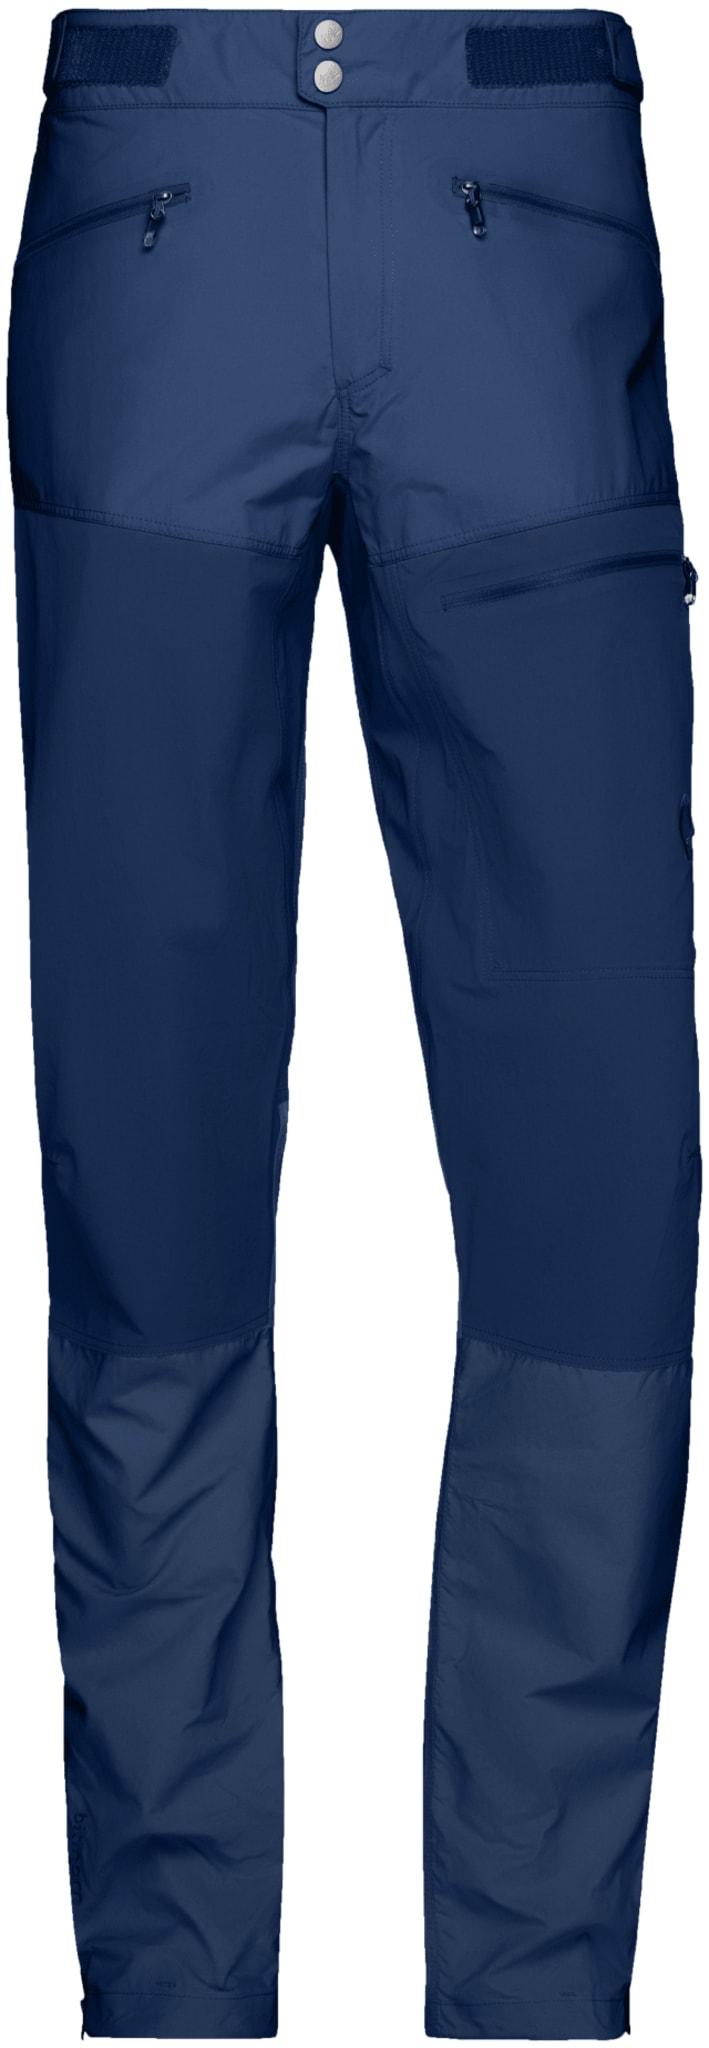 Bitihorn Lightweight Pants M